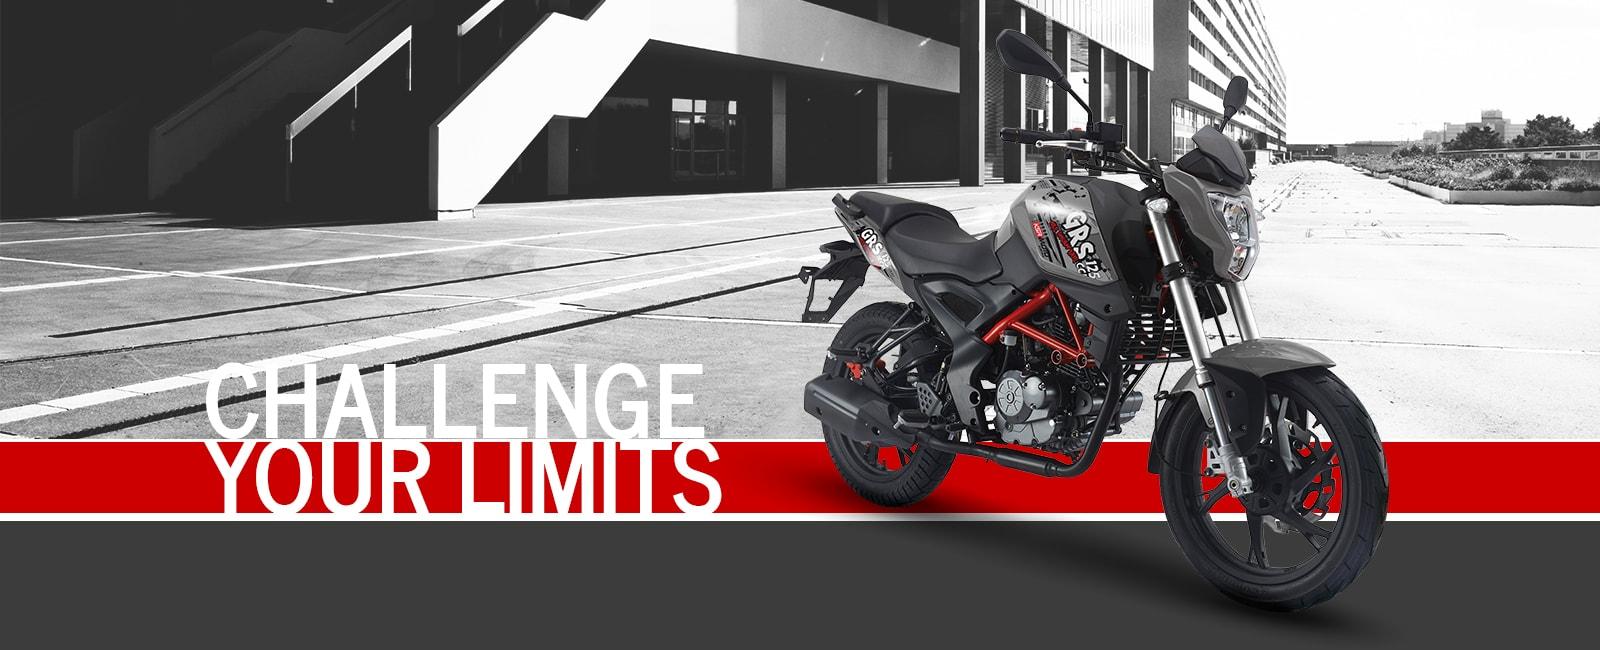 Start Ksr Moto Cf 500cc Wiring Diagram